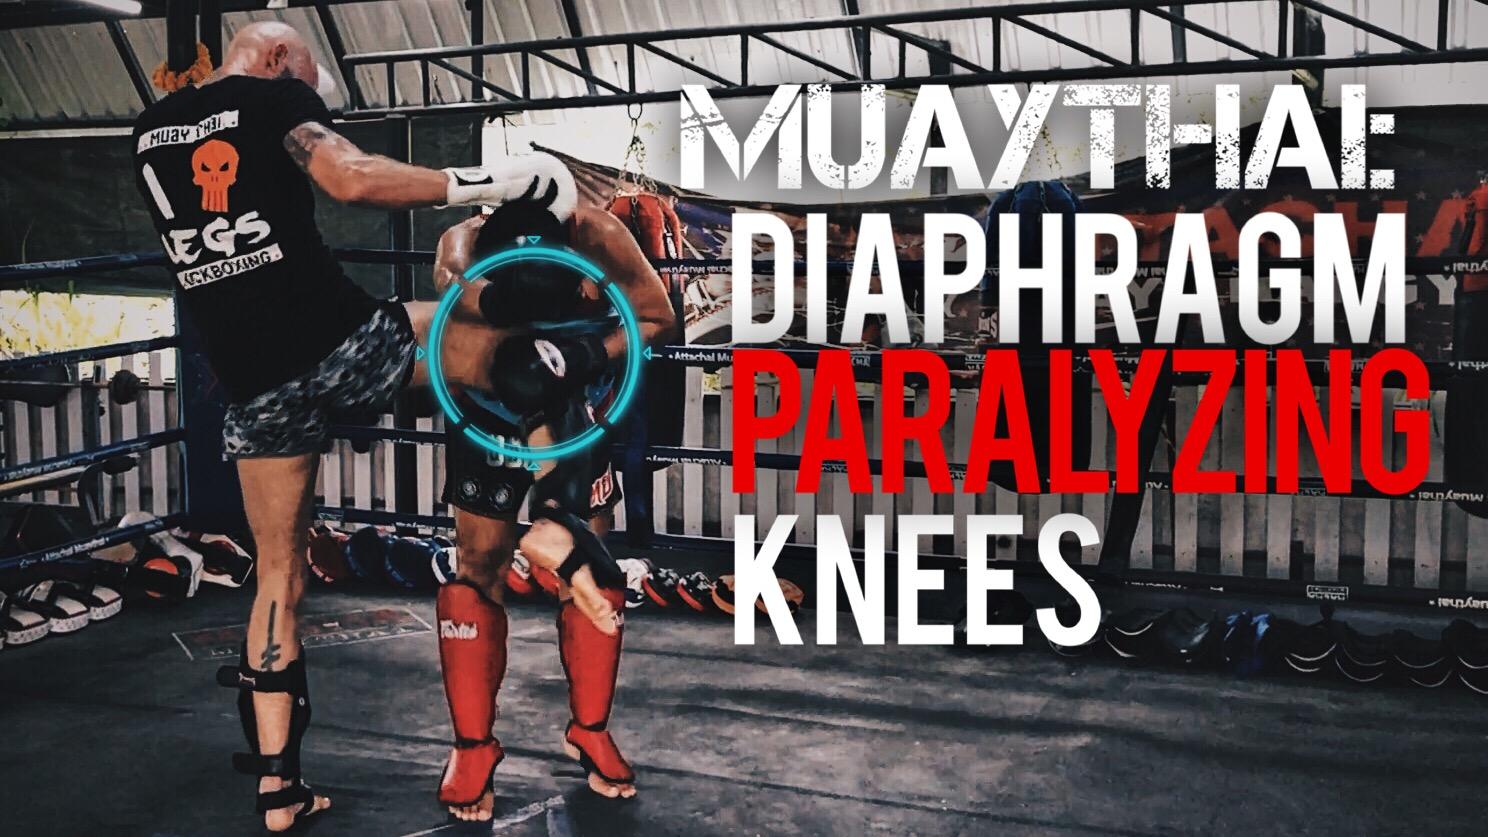 Diaphragm Paralyzing Knees with the Emperor Namsaknoi